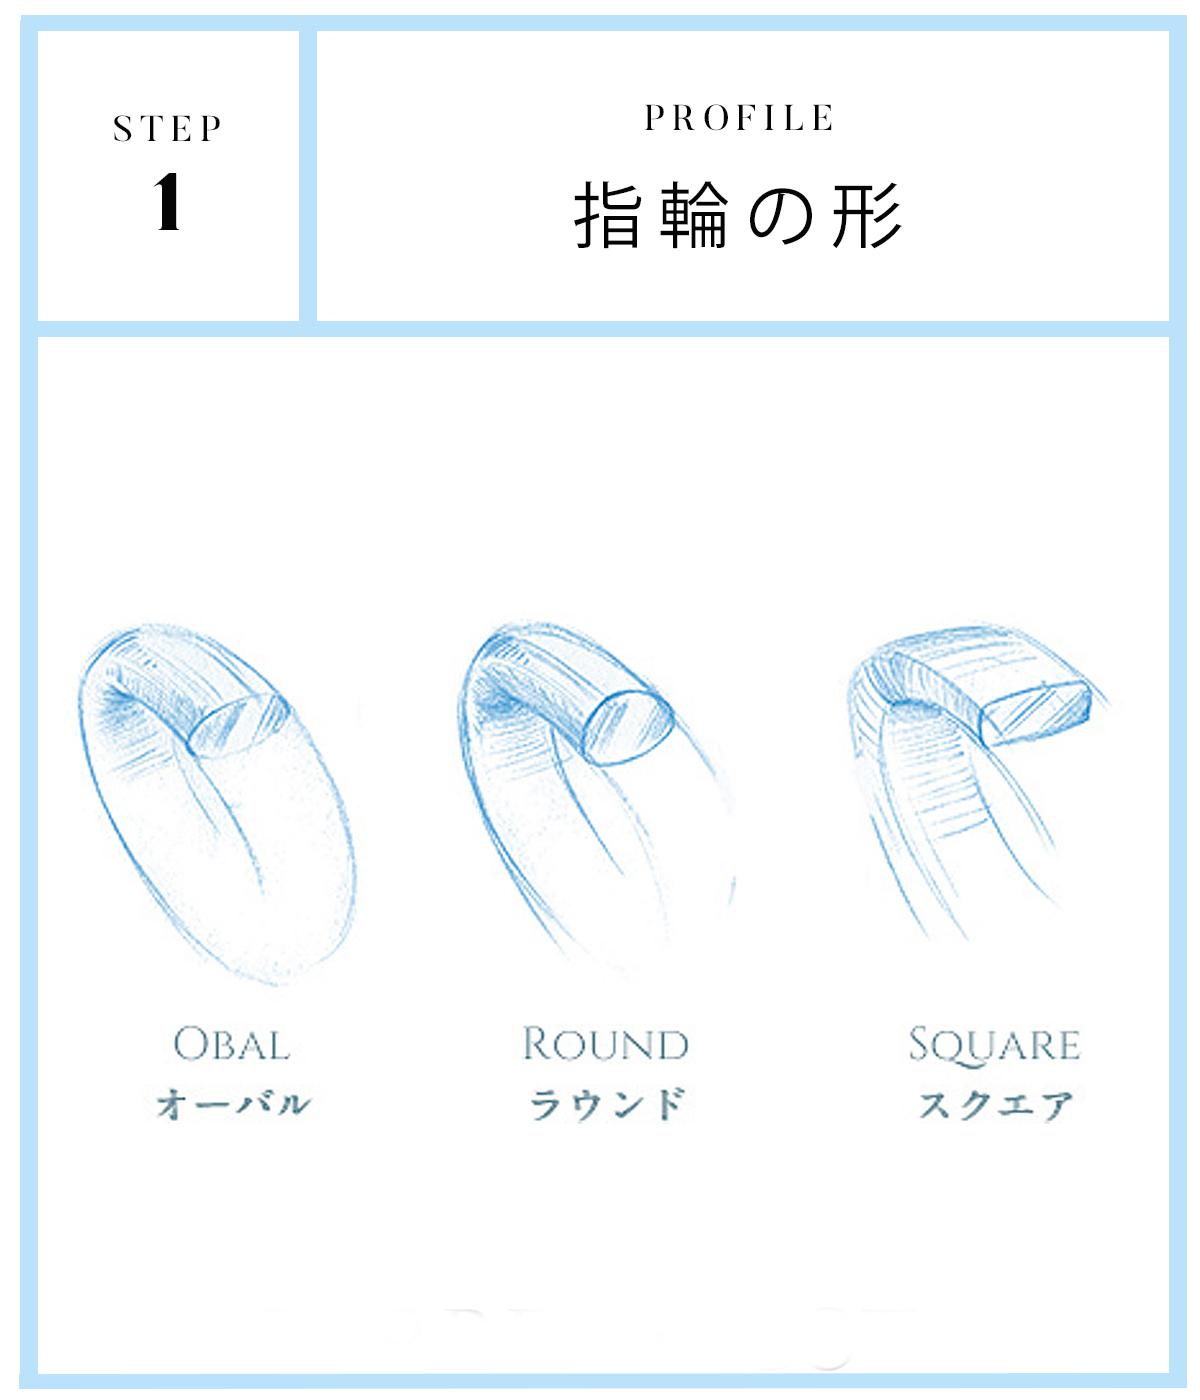 広島県広島市と広島県福山市のセレクトジュエリーショップヴァニラがおすすめするFURRERJACOTフラージャコ―の人気の結婚指輪シリーズ1